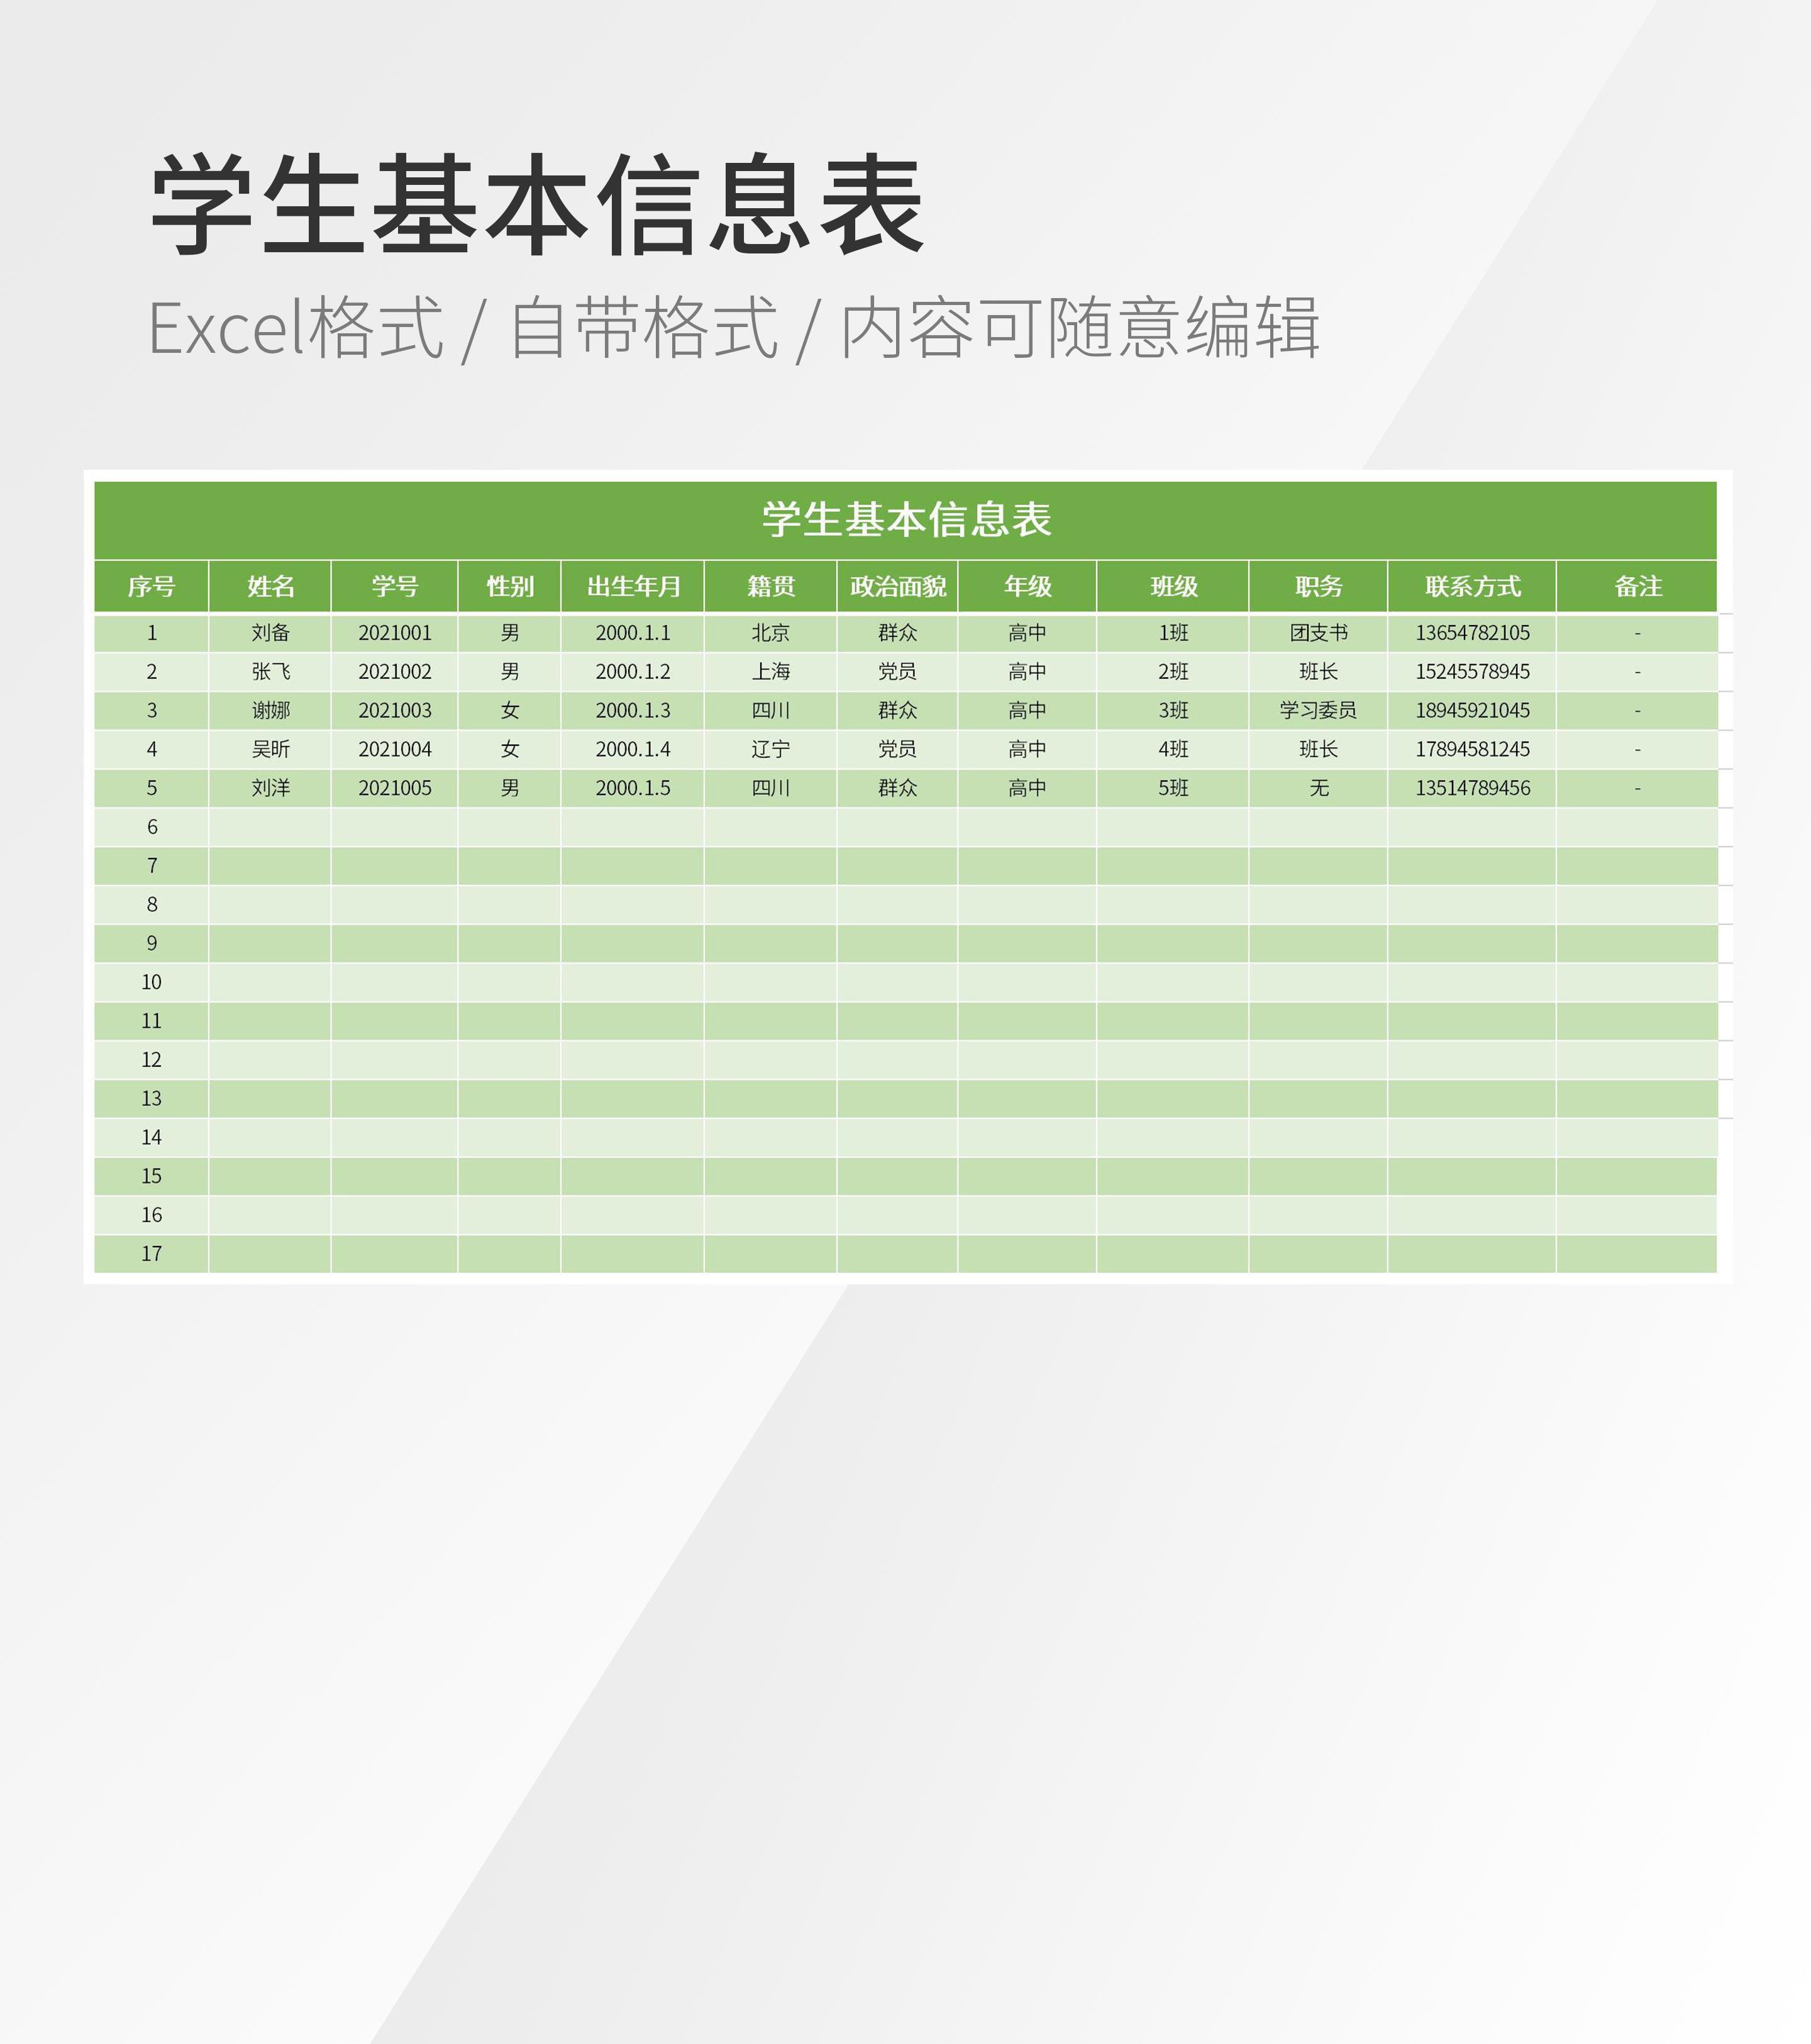 学生基本信息表Excel模板